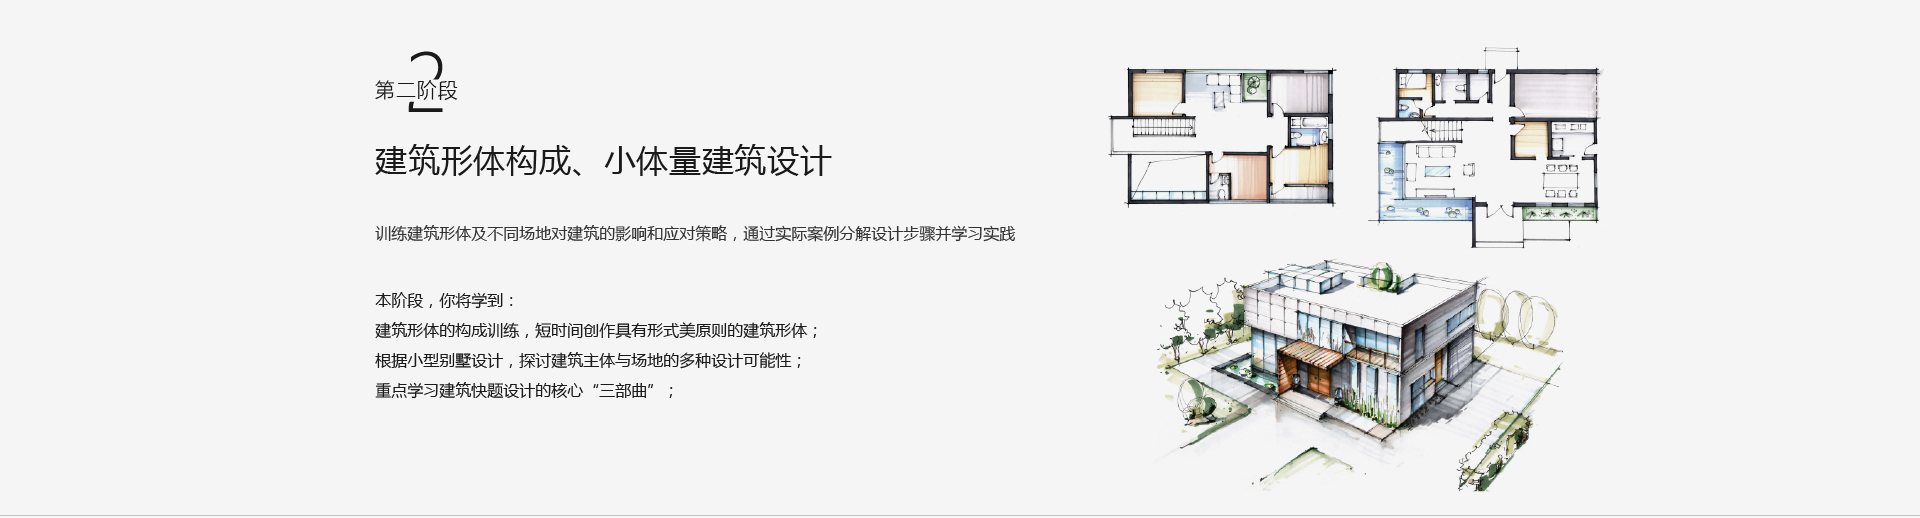 建筑快题_06.jpg